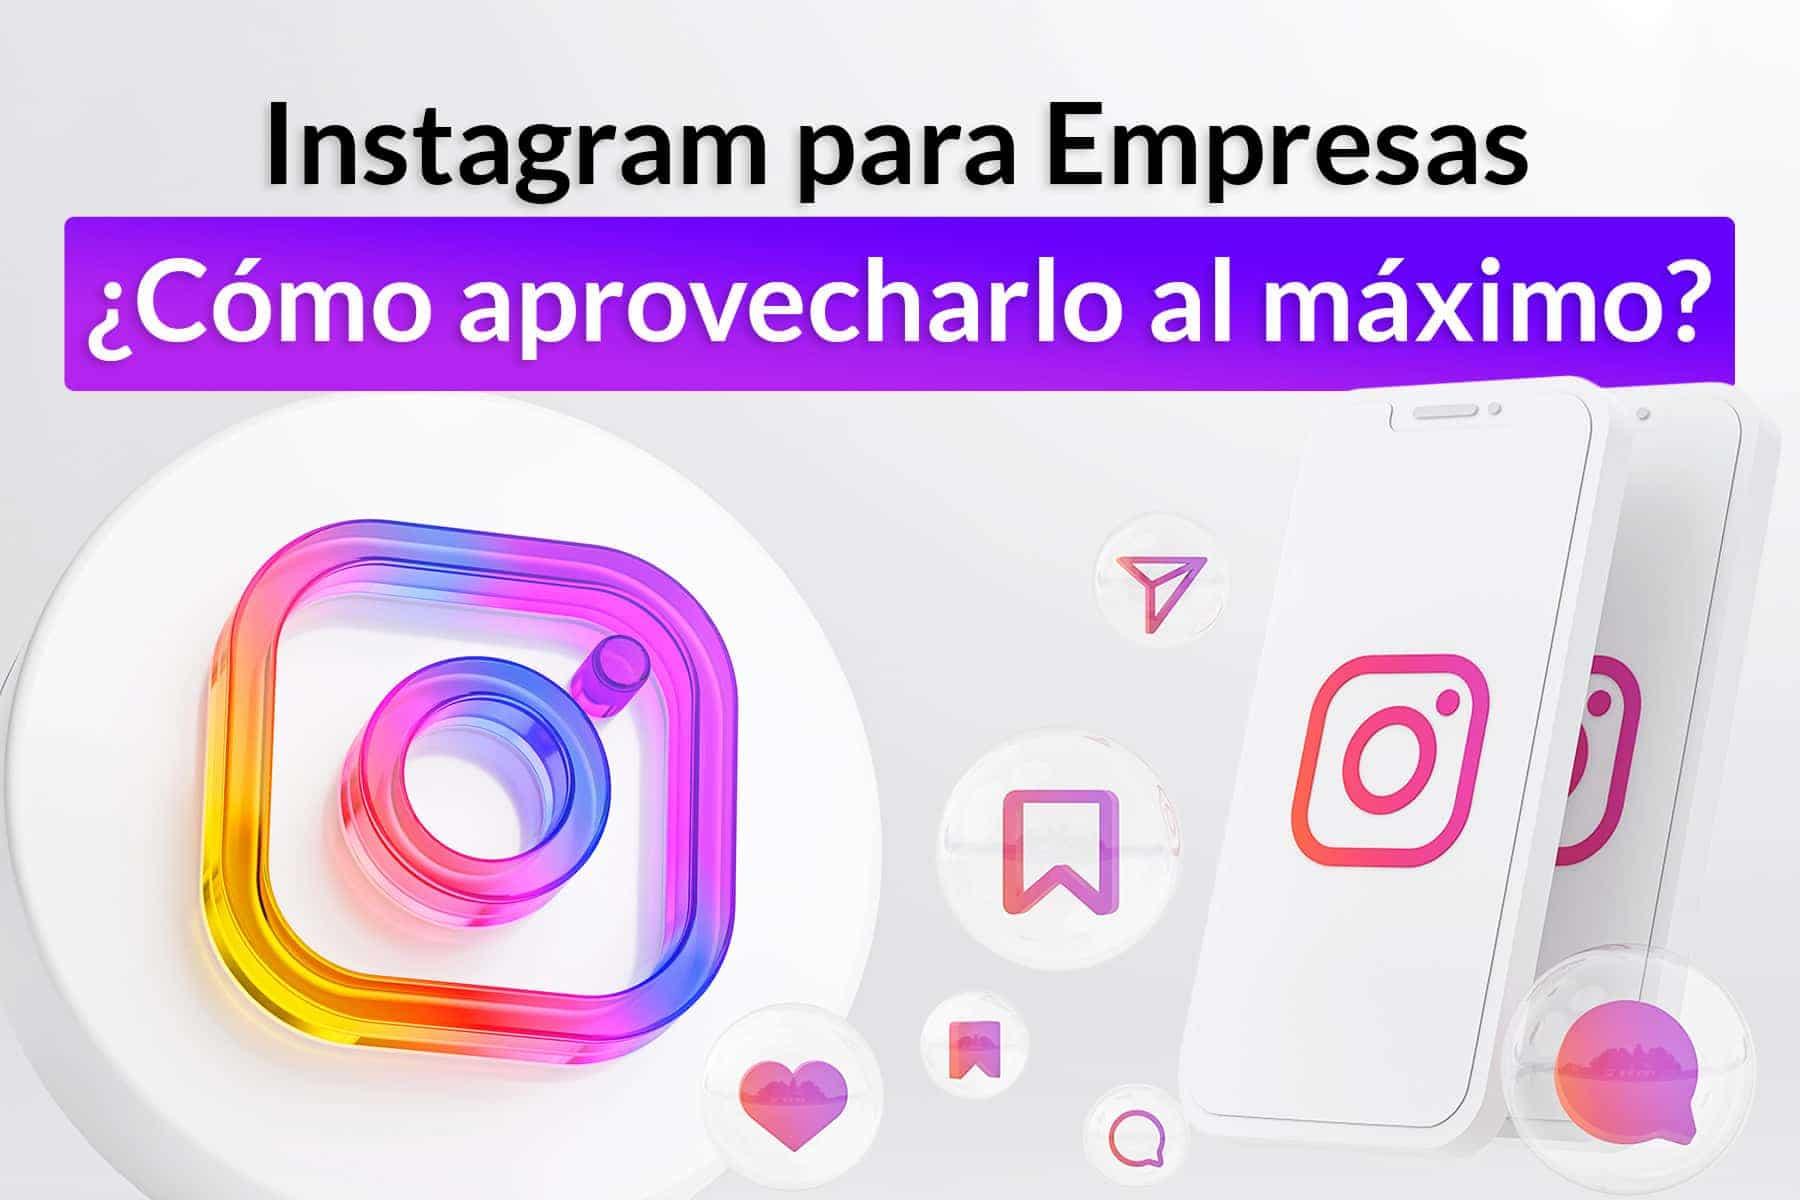 Instagram para empresas: cómo aprovecharlo al máximo